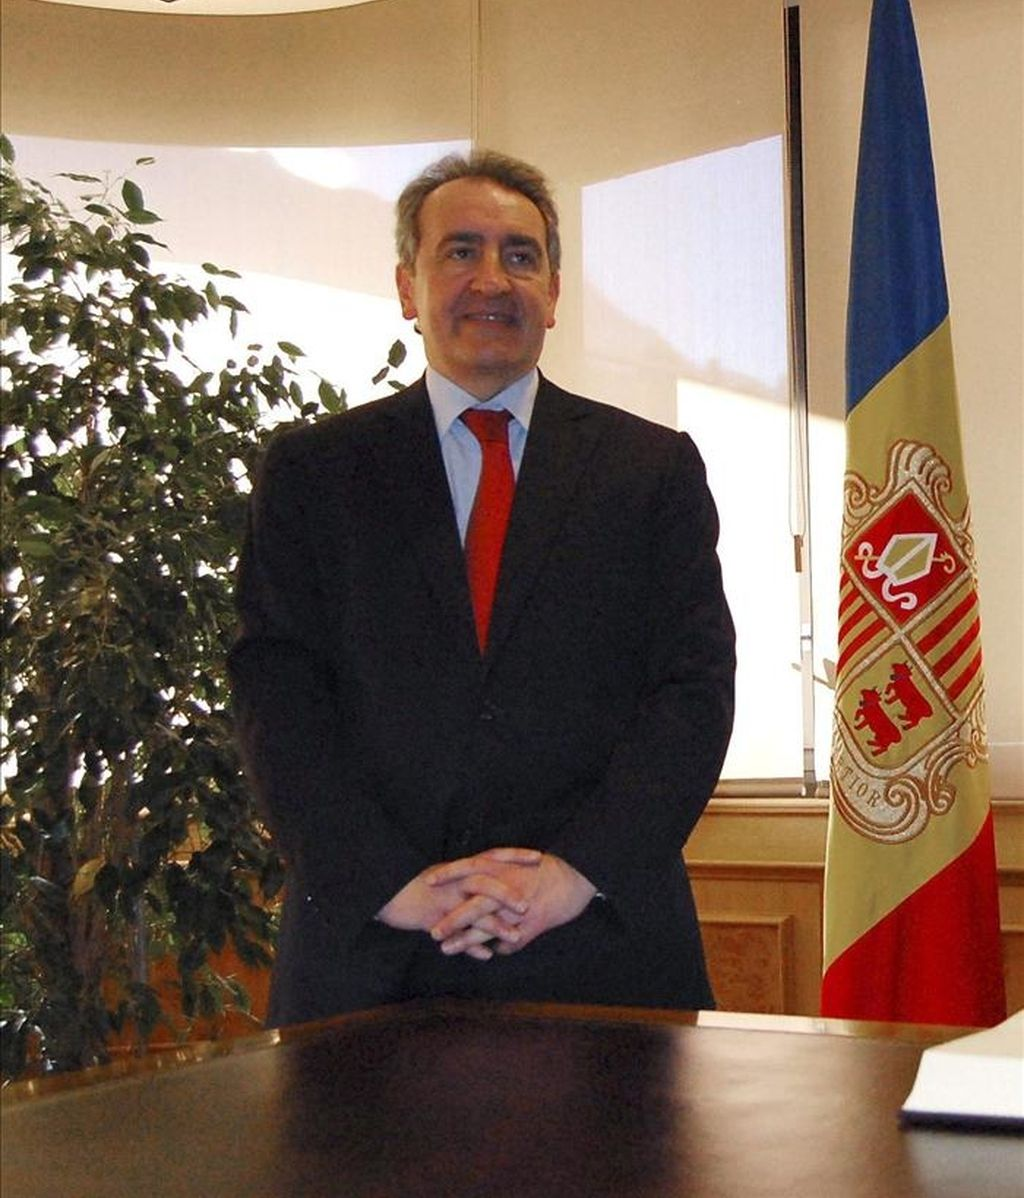 En la imagen, el presidente del Gobierno de Andorra, Jaume Bartumeu. EFE/Archivo